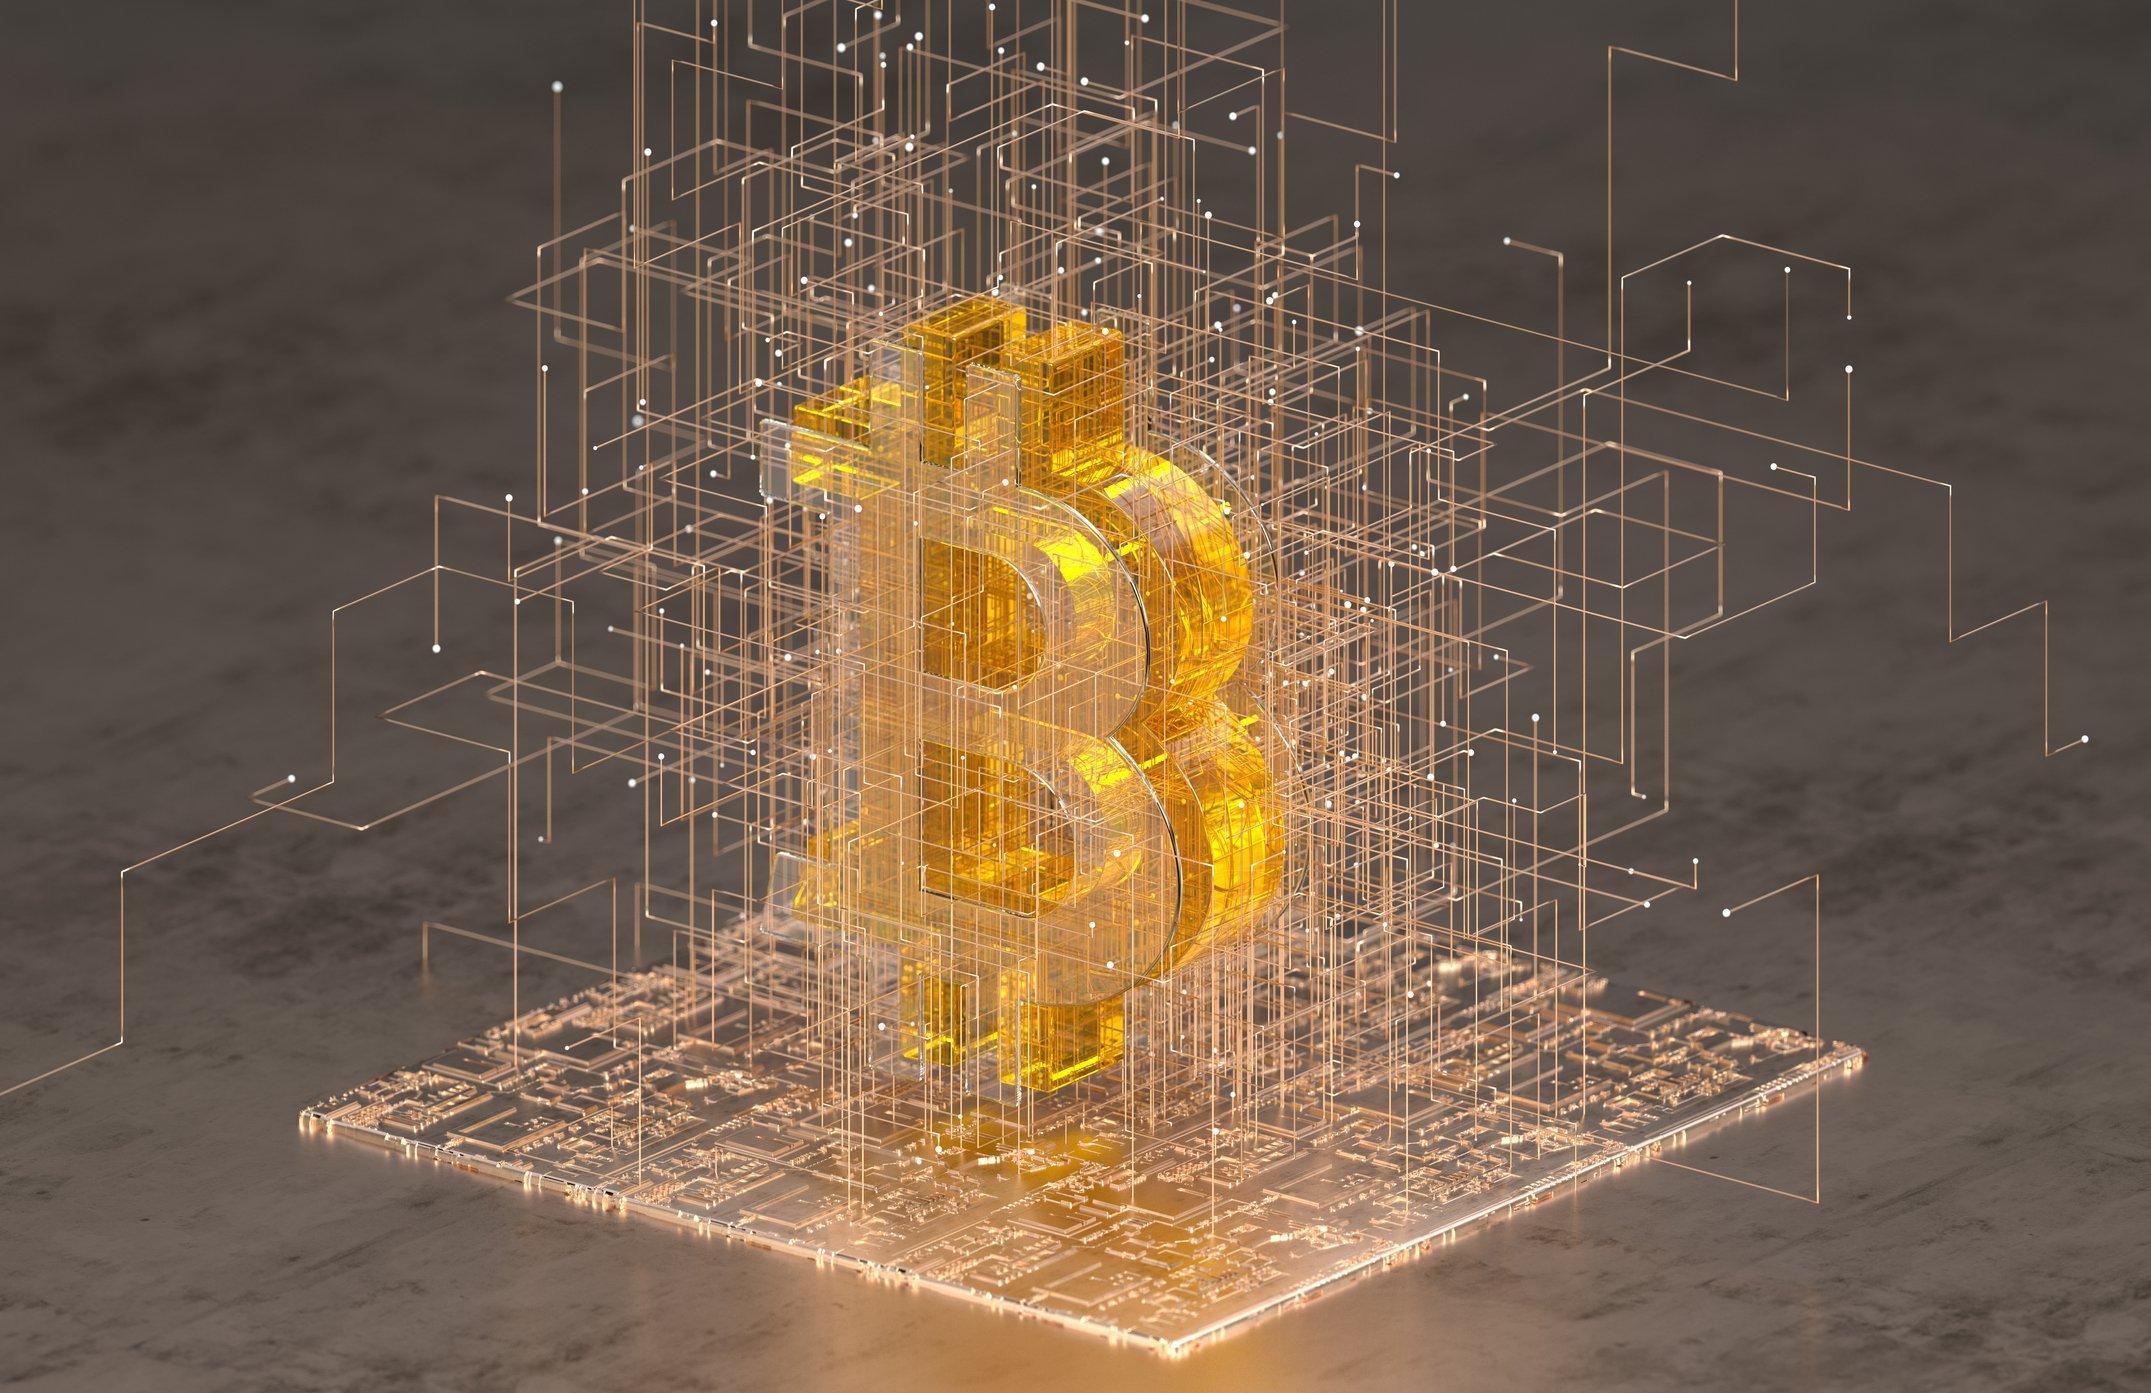 ceea ce este volumul de tranzactionare de tip bitcoin